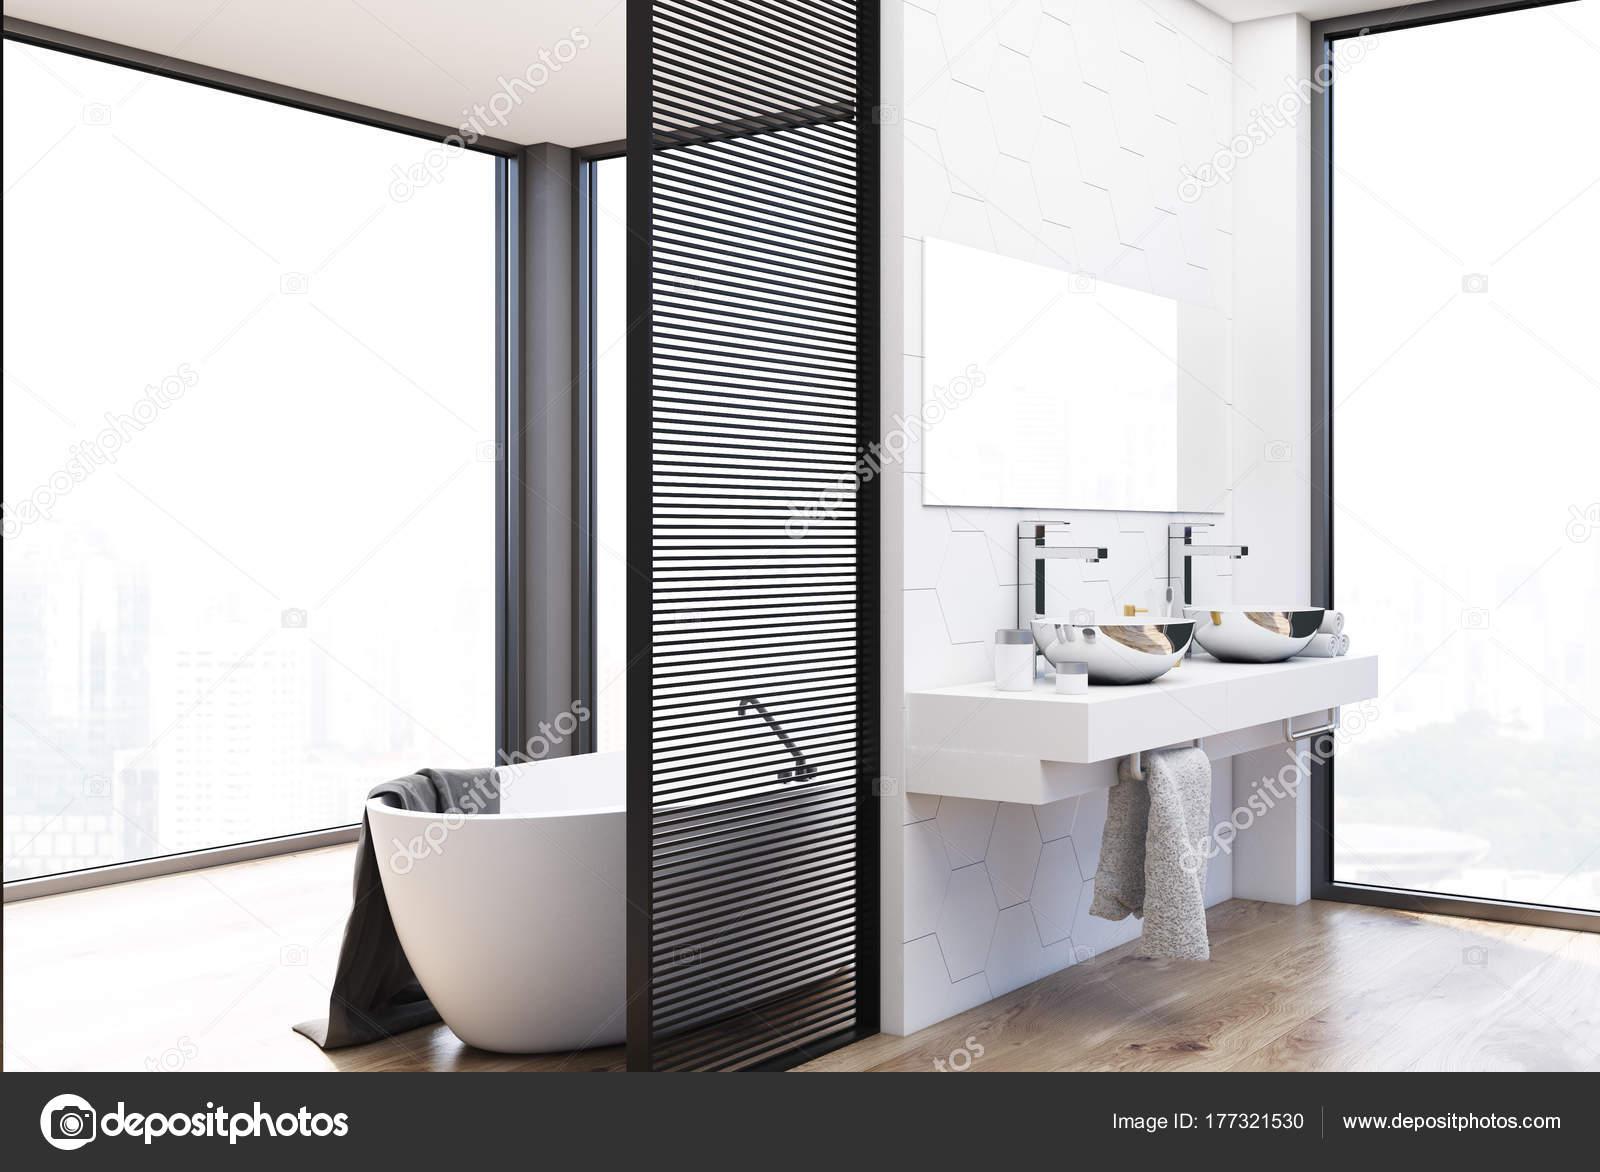 Piastrelle Esagonali Bianche : Idromassaggio doppio lavabo e bagno rivestito di piastrelle